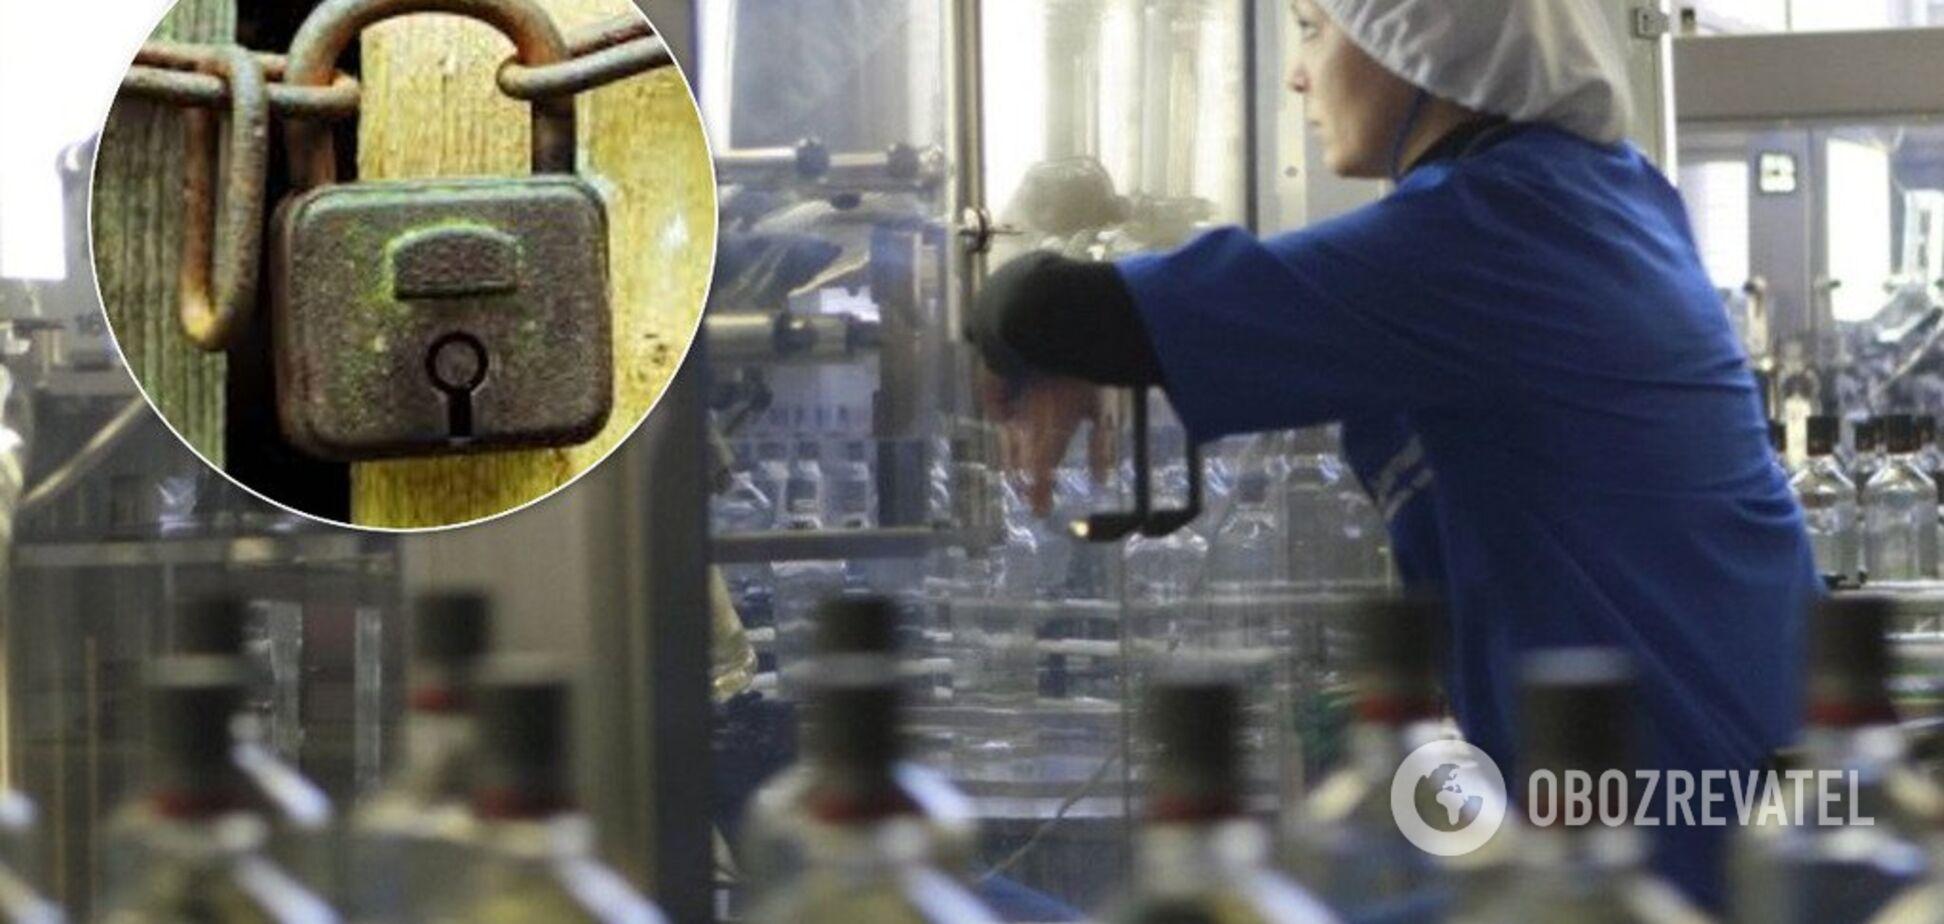 Не можуть виробляти: у Мінекономіки заявили про жалюгідну ситуацію в 'Укрспирті'